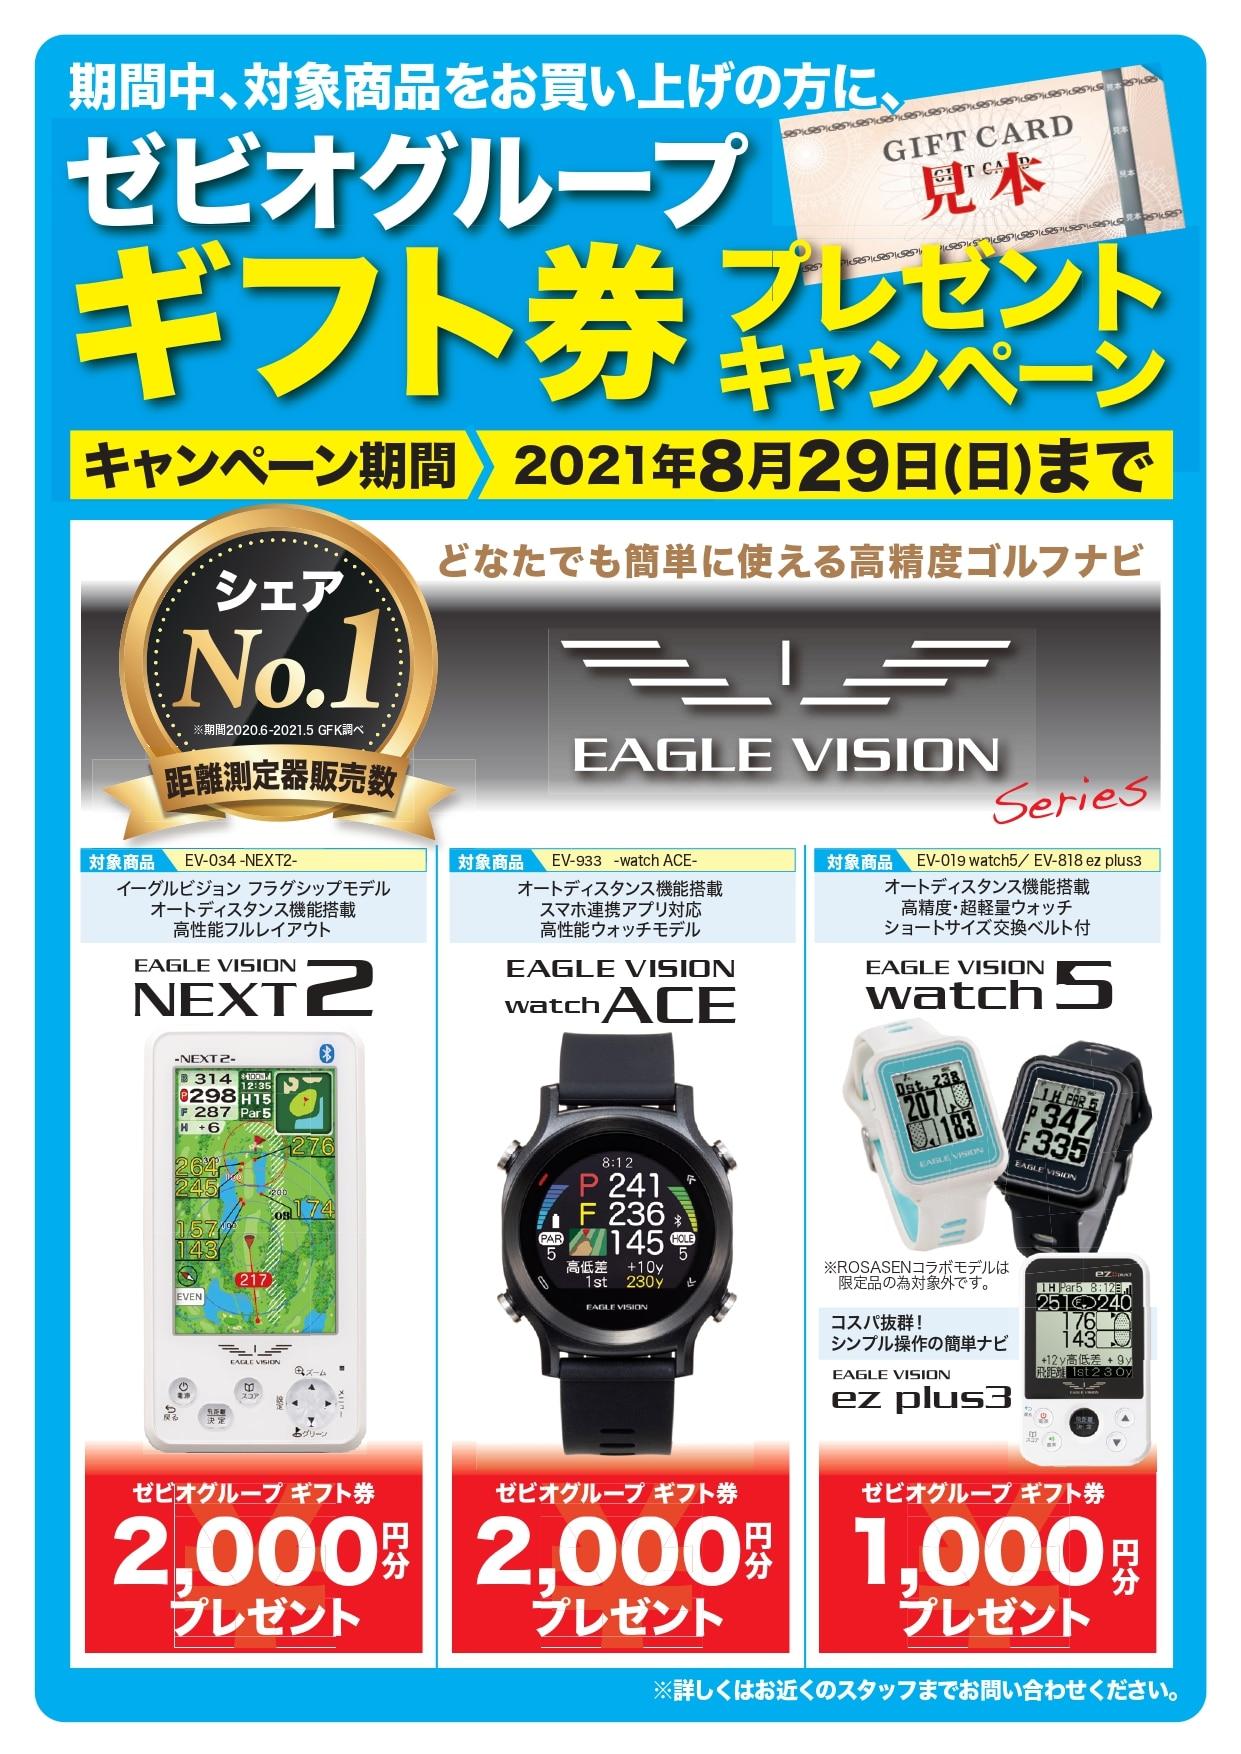 【店舗限定】GPSウォッチ ゼビオグループギフト券プレゼントキャンペーン